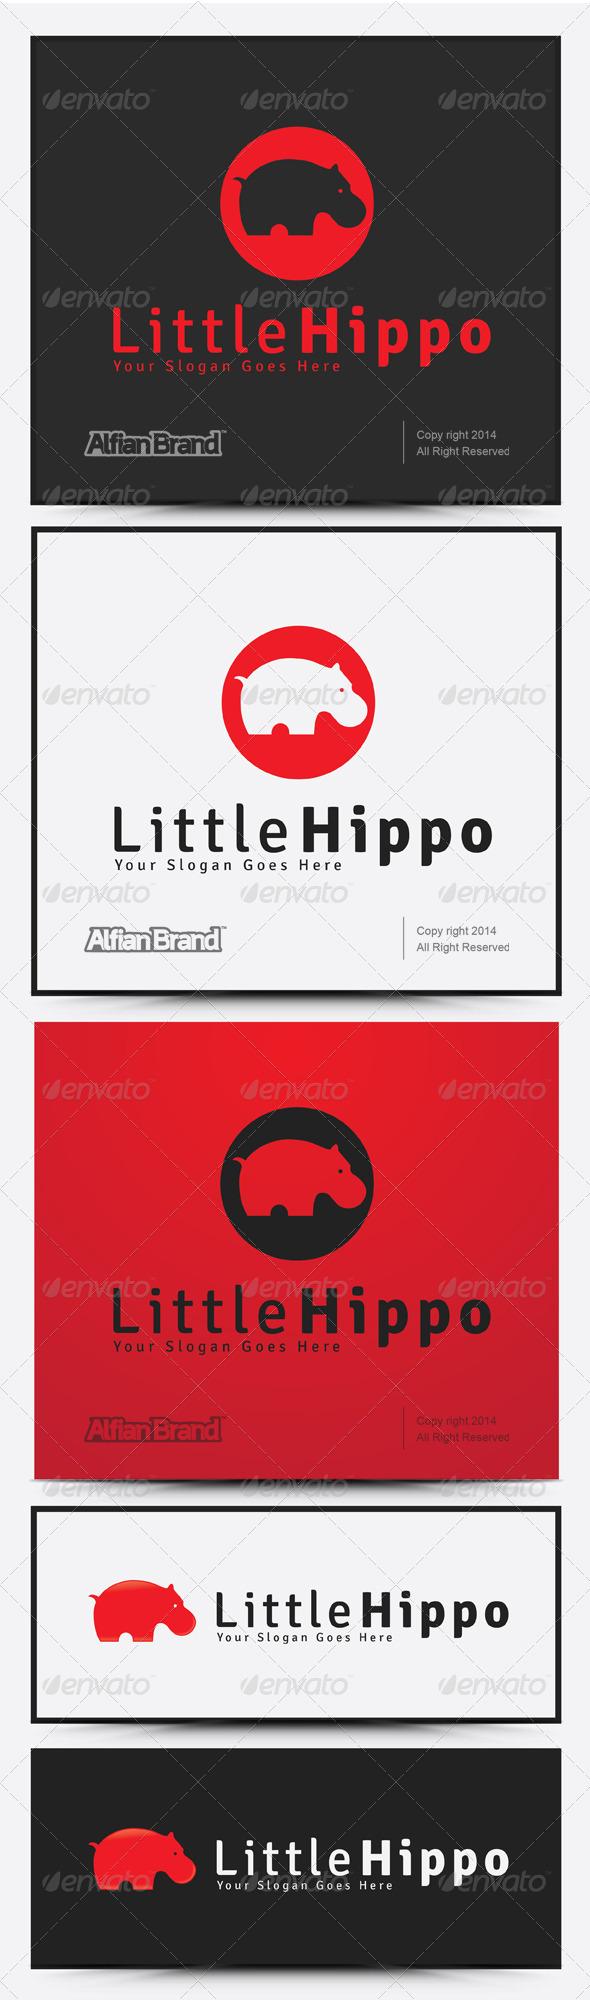 GraphicRiver Hippo Logo 7973395